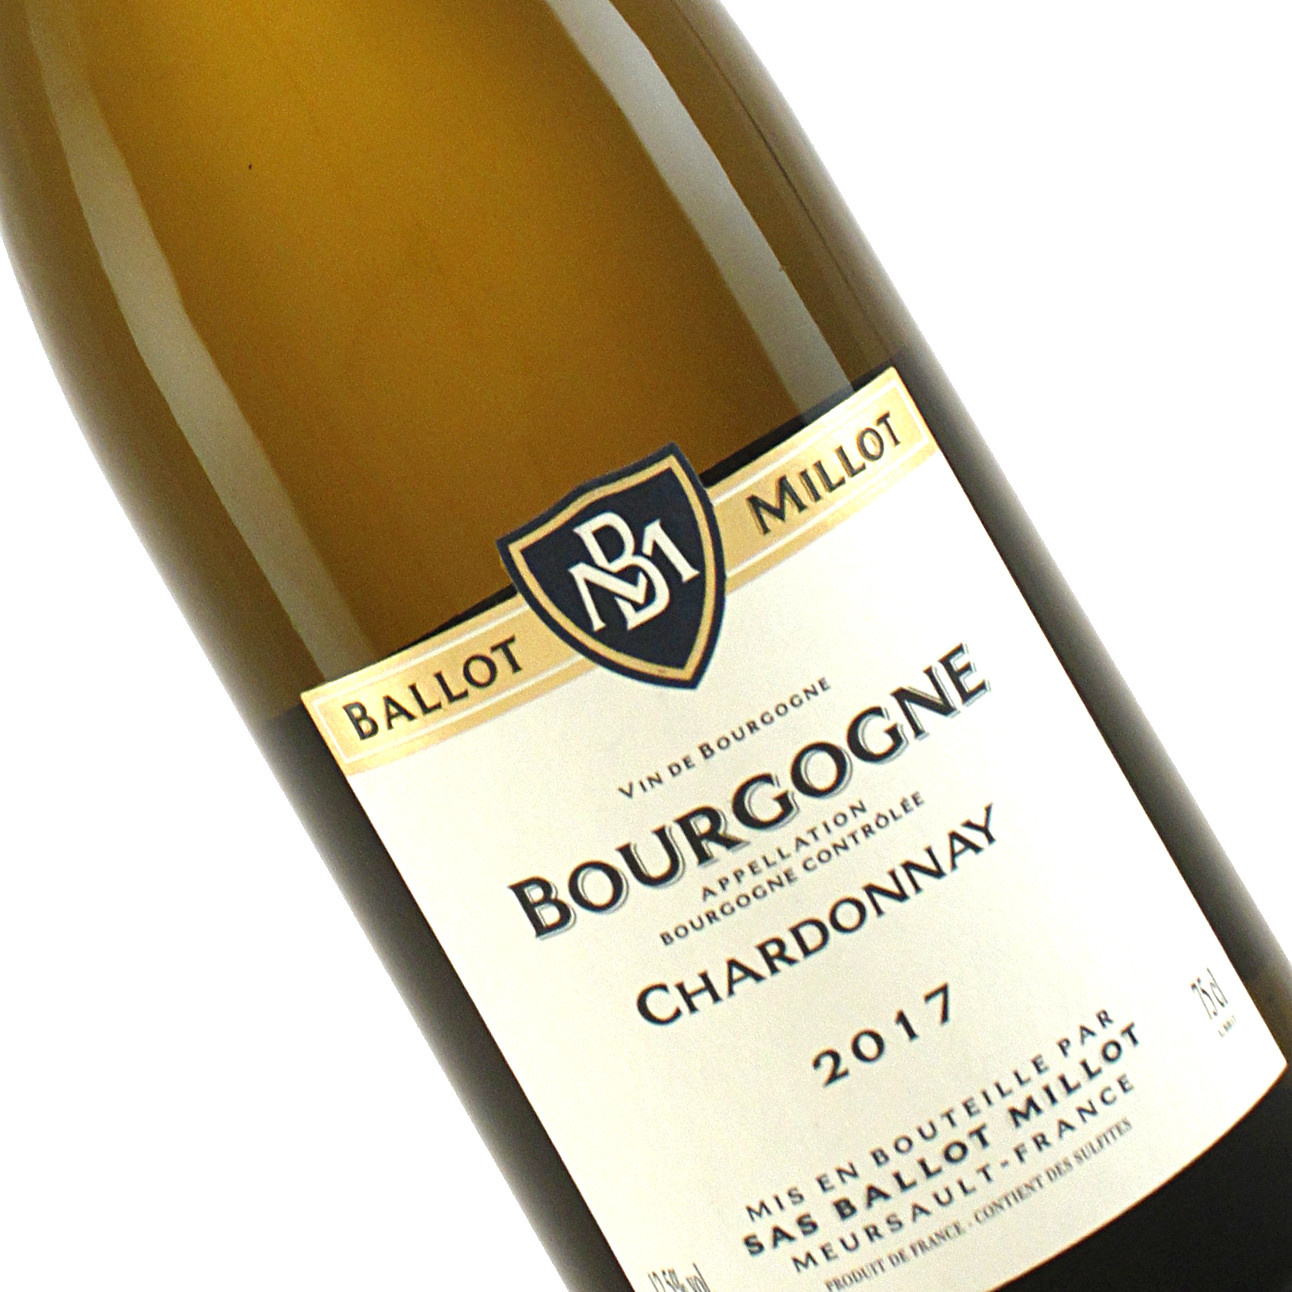 Ballot Millot 2107 Bourgogne Chardonnay